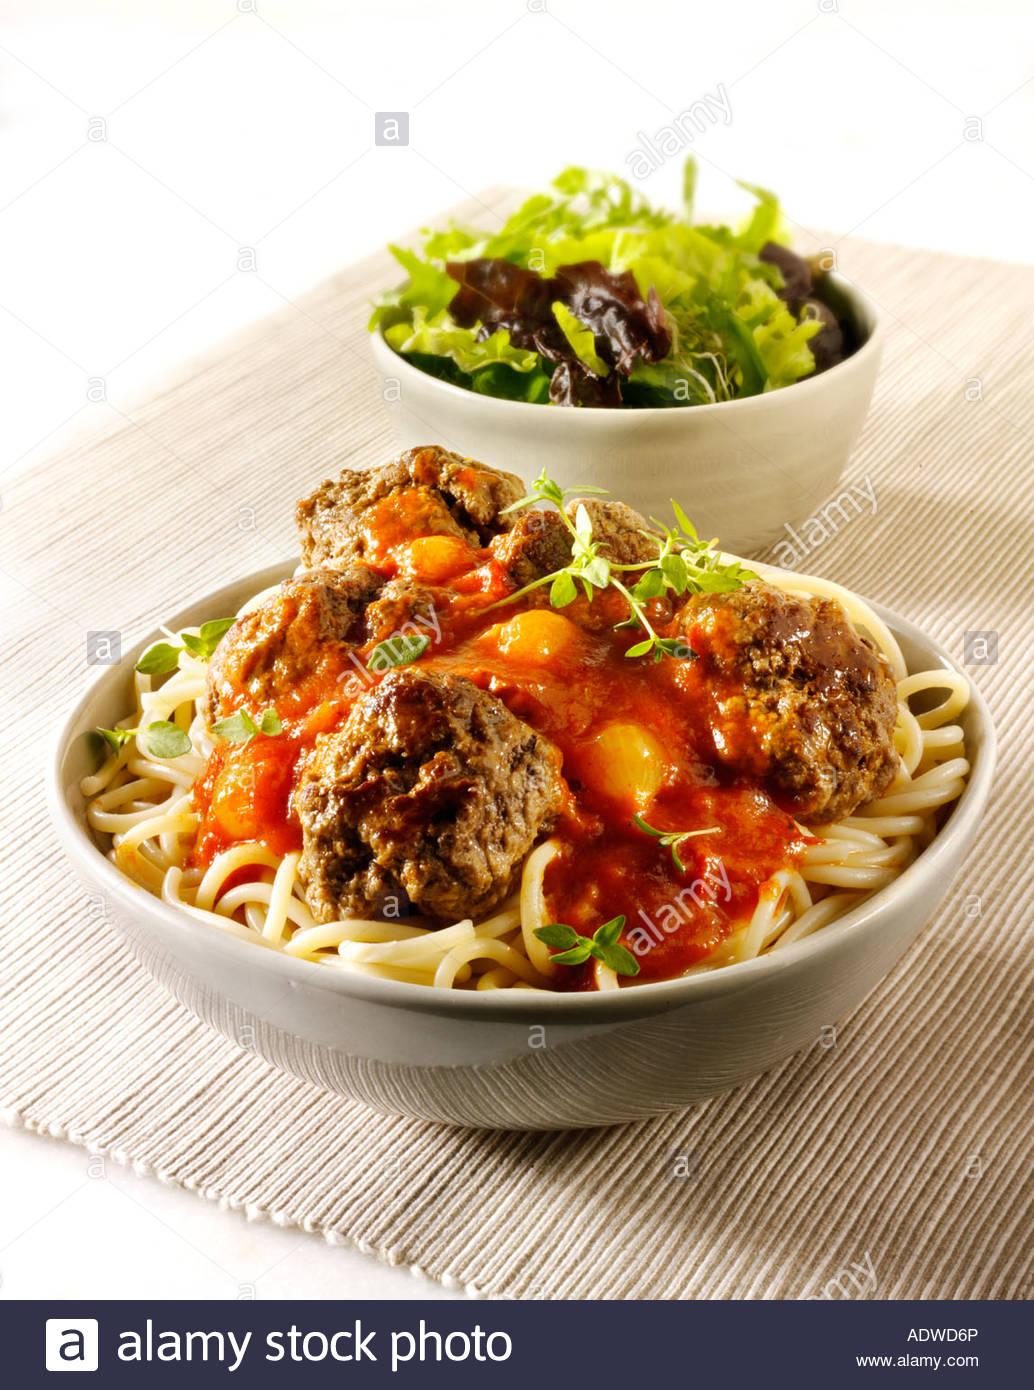 Frikadellen auf Spghetti mit einer Tomatensauce Basilikum Shalott mit einem grünen Salat in eine Tischdekoration Stockbild